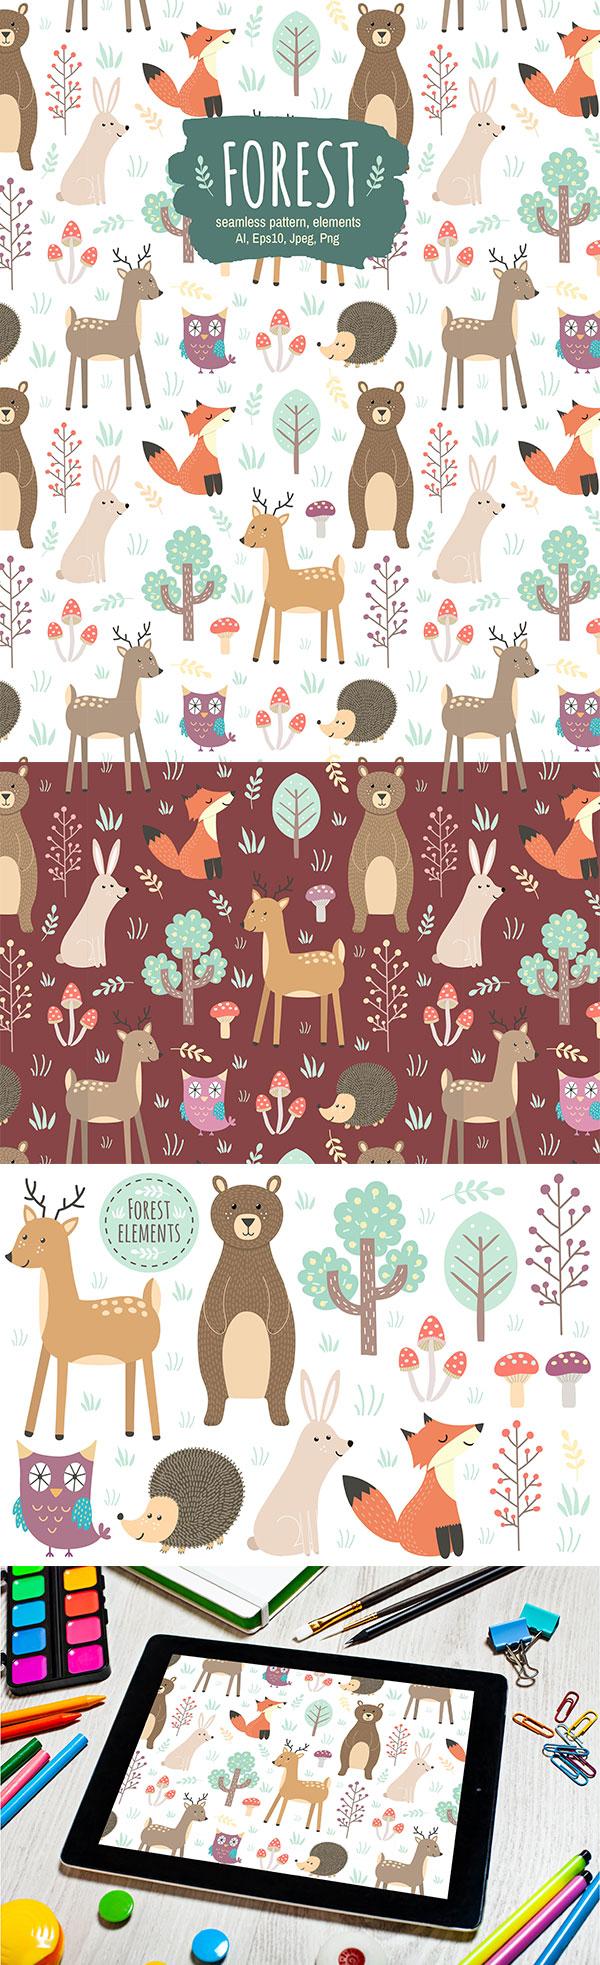 素材分类: 矢量区所需点数: 5 点 关键词: 可爱的卡通森林动物无缝素